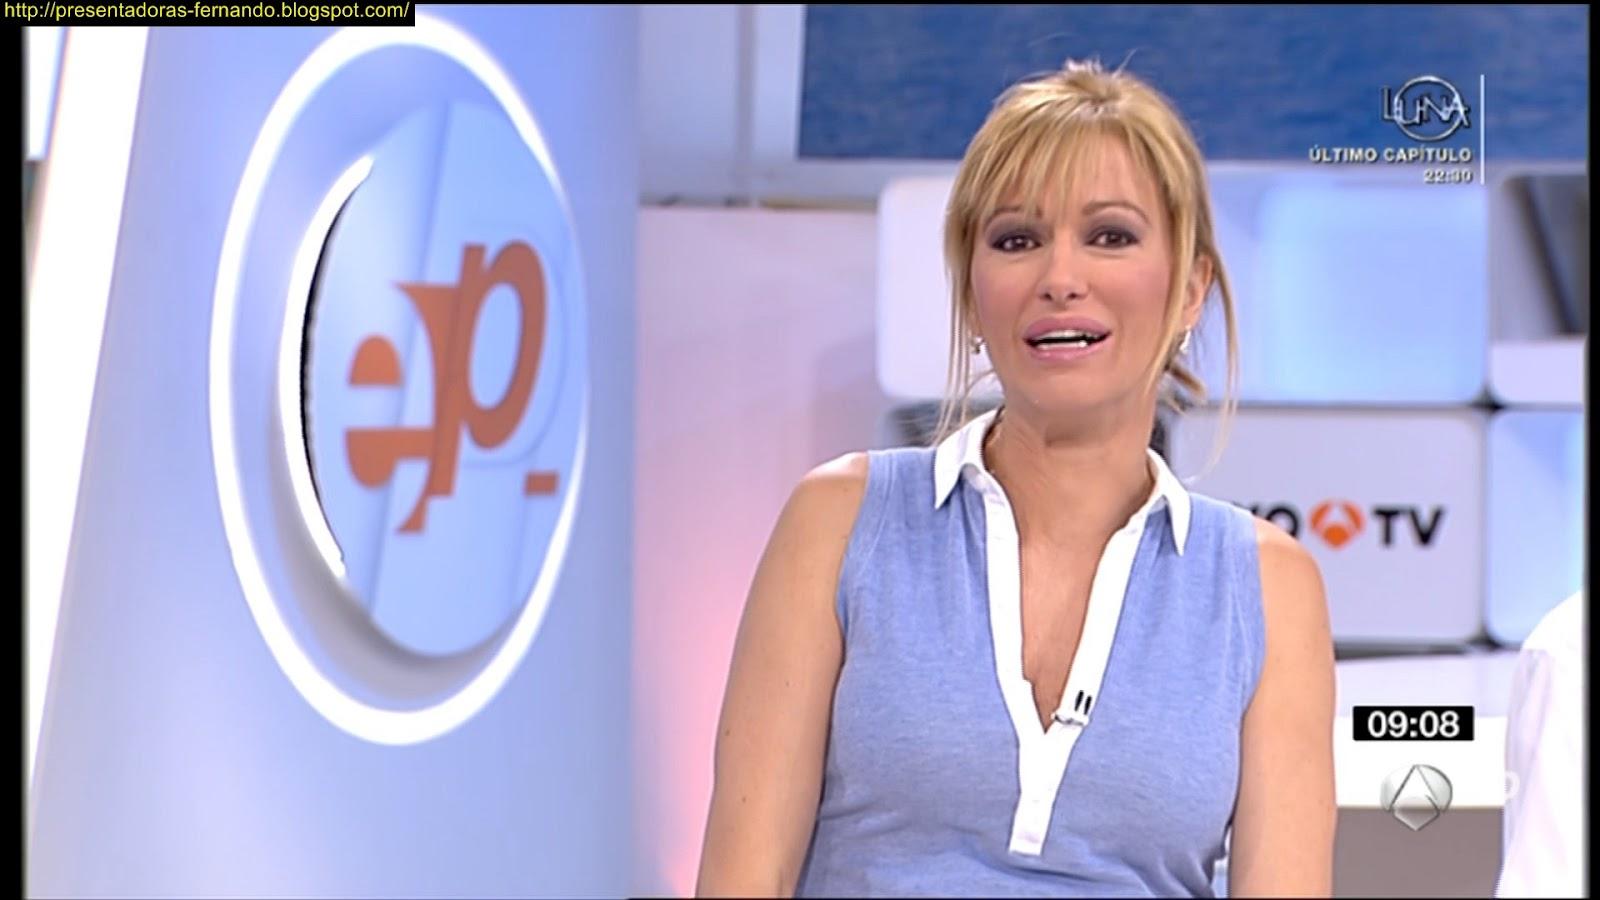 Presentadoras fernando susana griso espejo publico 26 6 2012 for Espejo publico verano